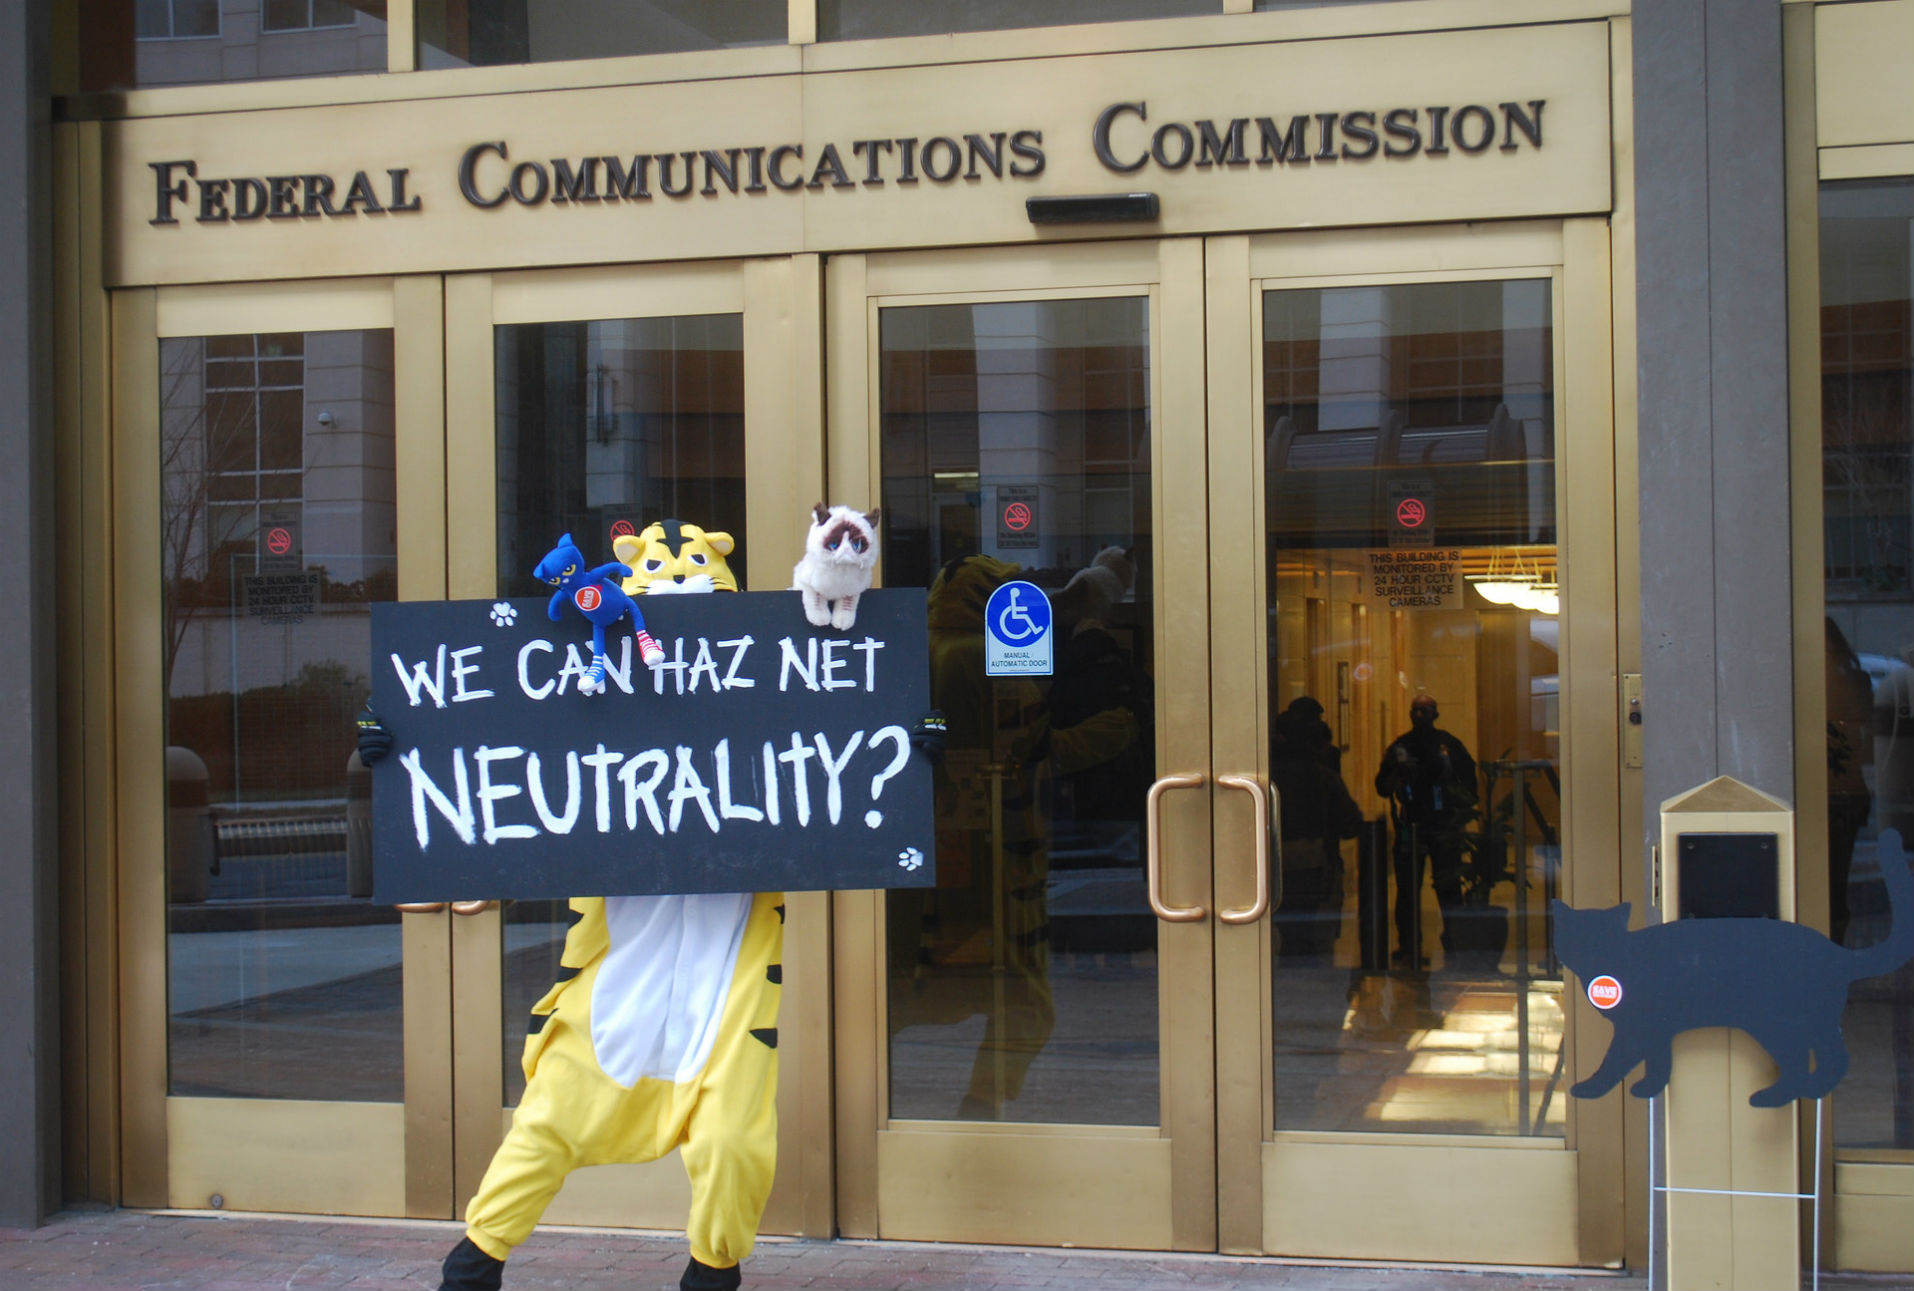 La lucha por la neutralidad de la red en Estados Unidos vive momentos críticos